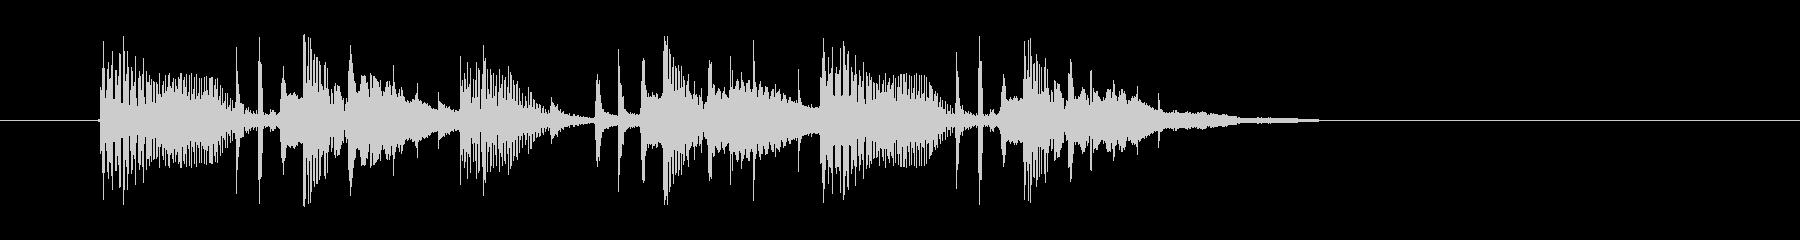 ゆったりと落ち着いた幻想的な音楽の未再生の波形